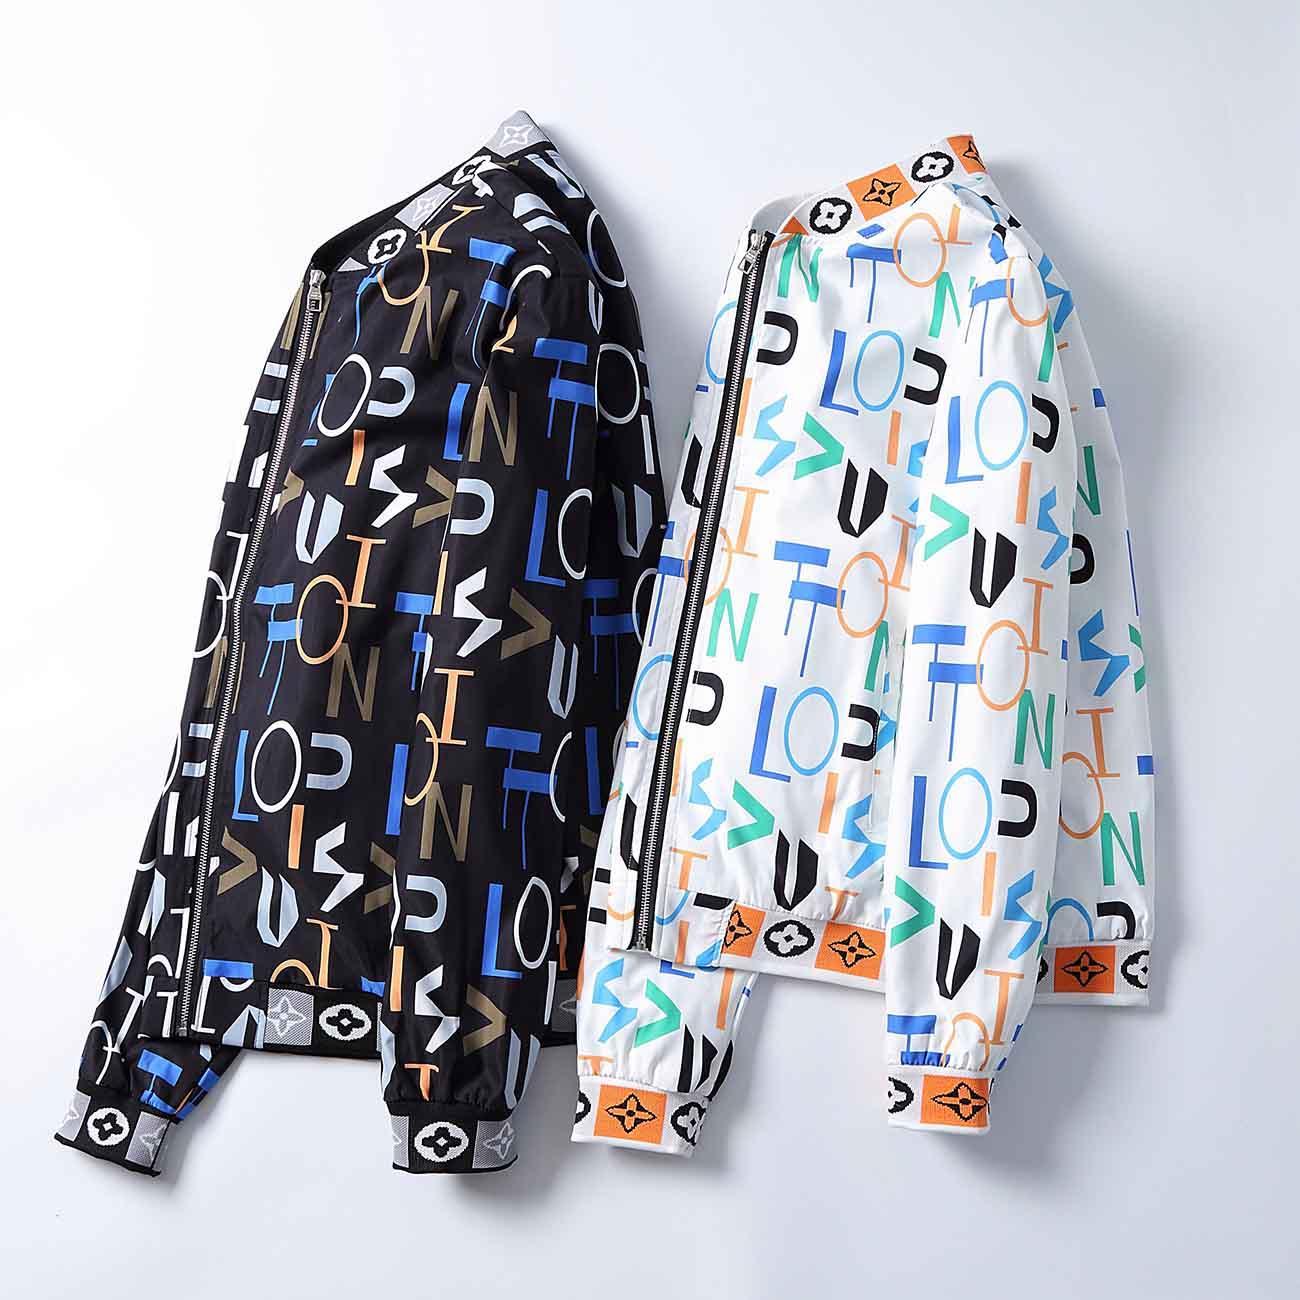 chaqueta de diseñador de la chaqueta de la cremallera de la chaqueta de invierno 20SS informal cazadora calle exterior jacke ropa de los hombres de los hombres de la moda de los nuevos hombres de alta calidad